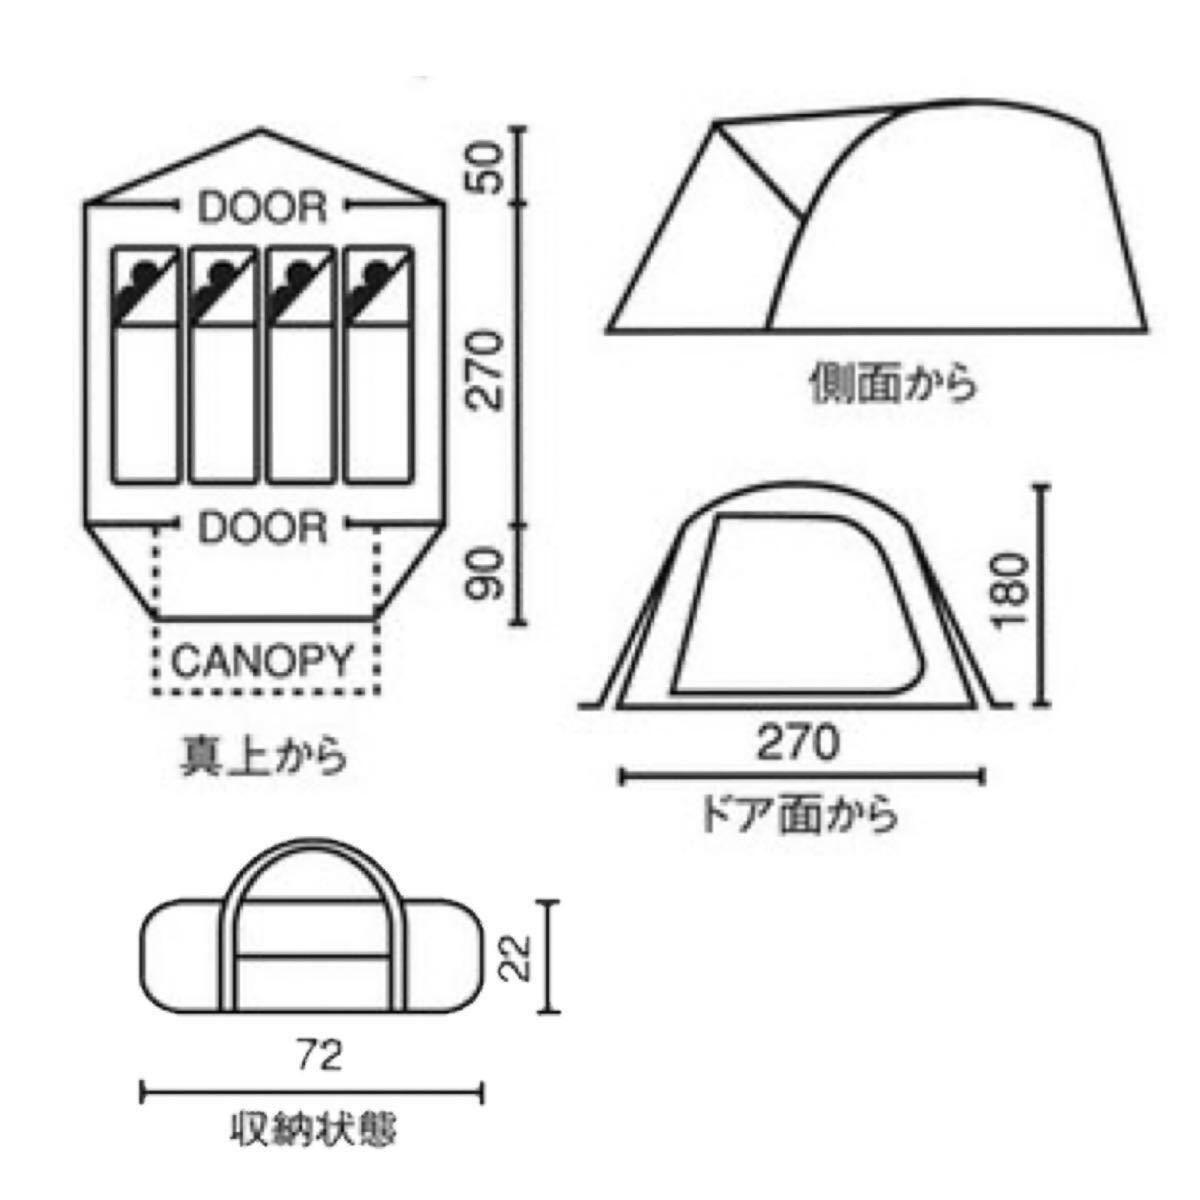 コールマン  BCバイザードーム270 テント 4-5人用 ドームテント テント Coleman キャンプ コールマンテント